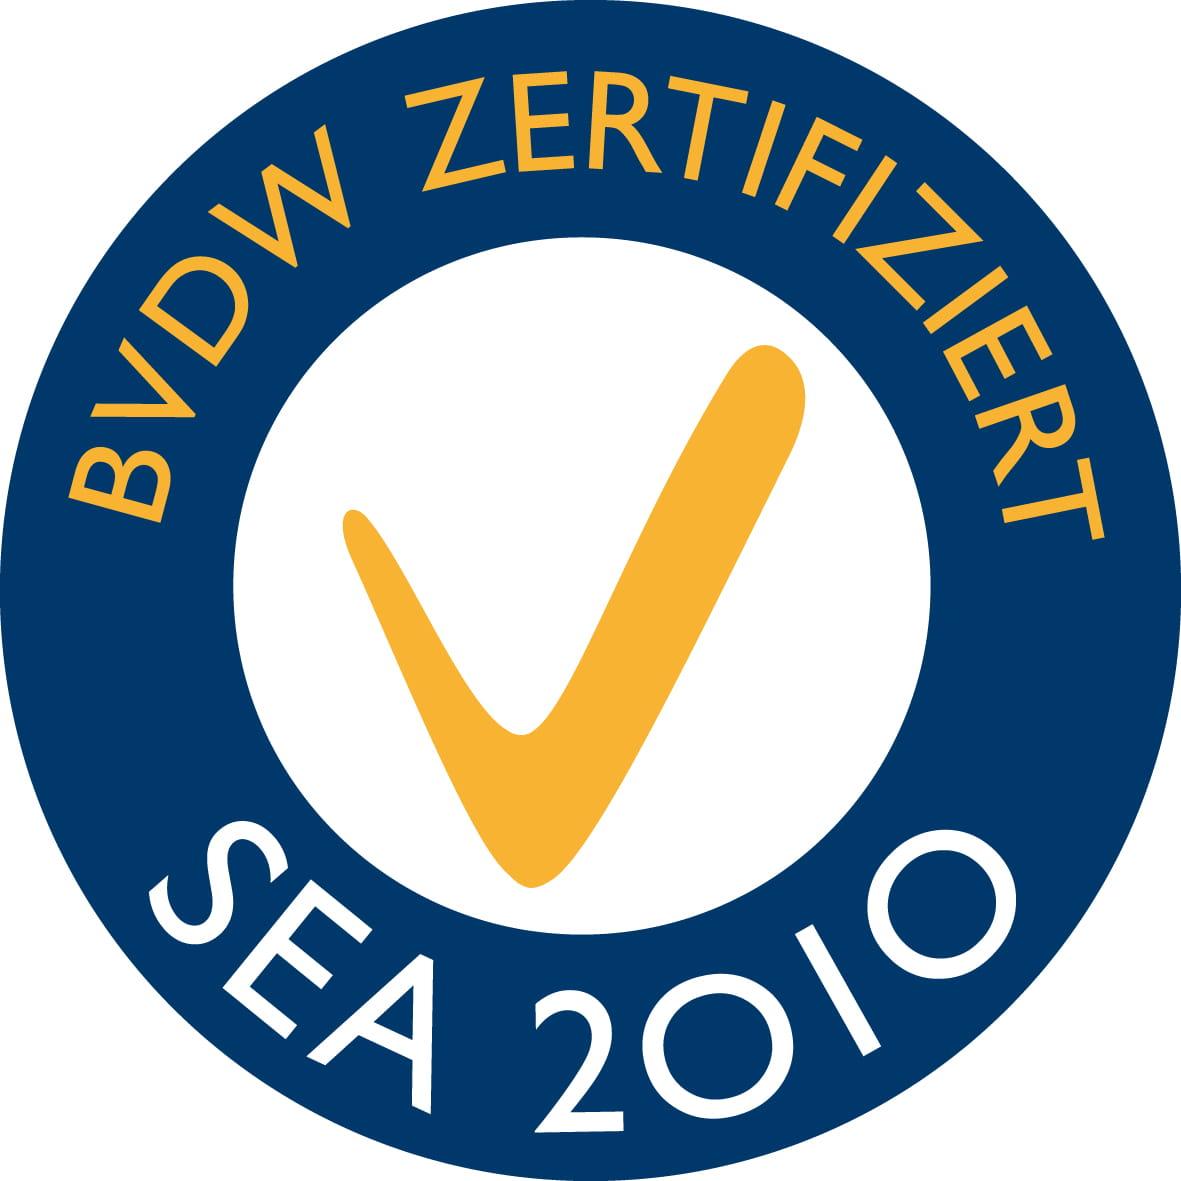 Sea 2010